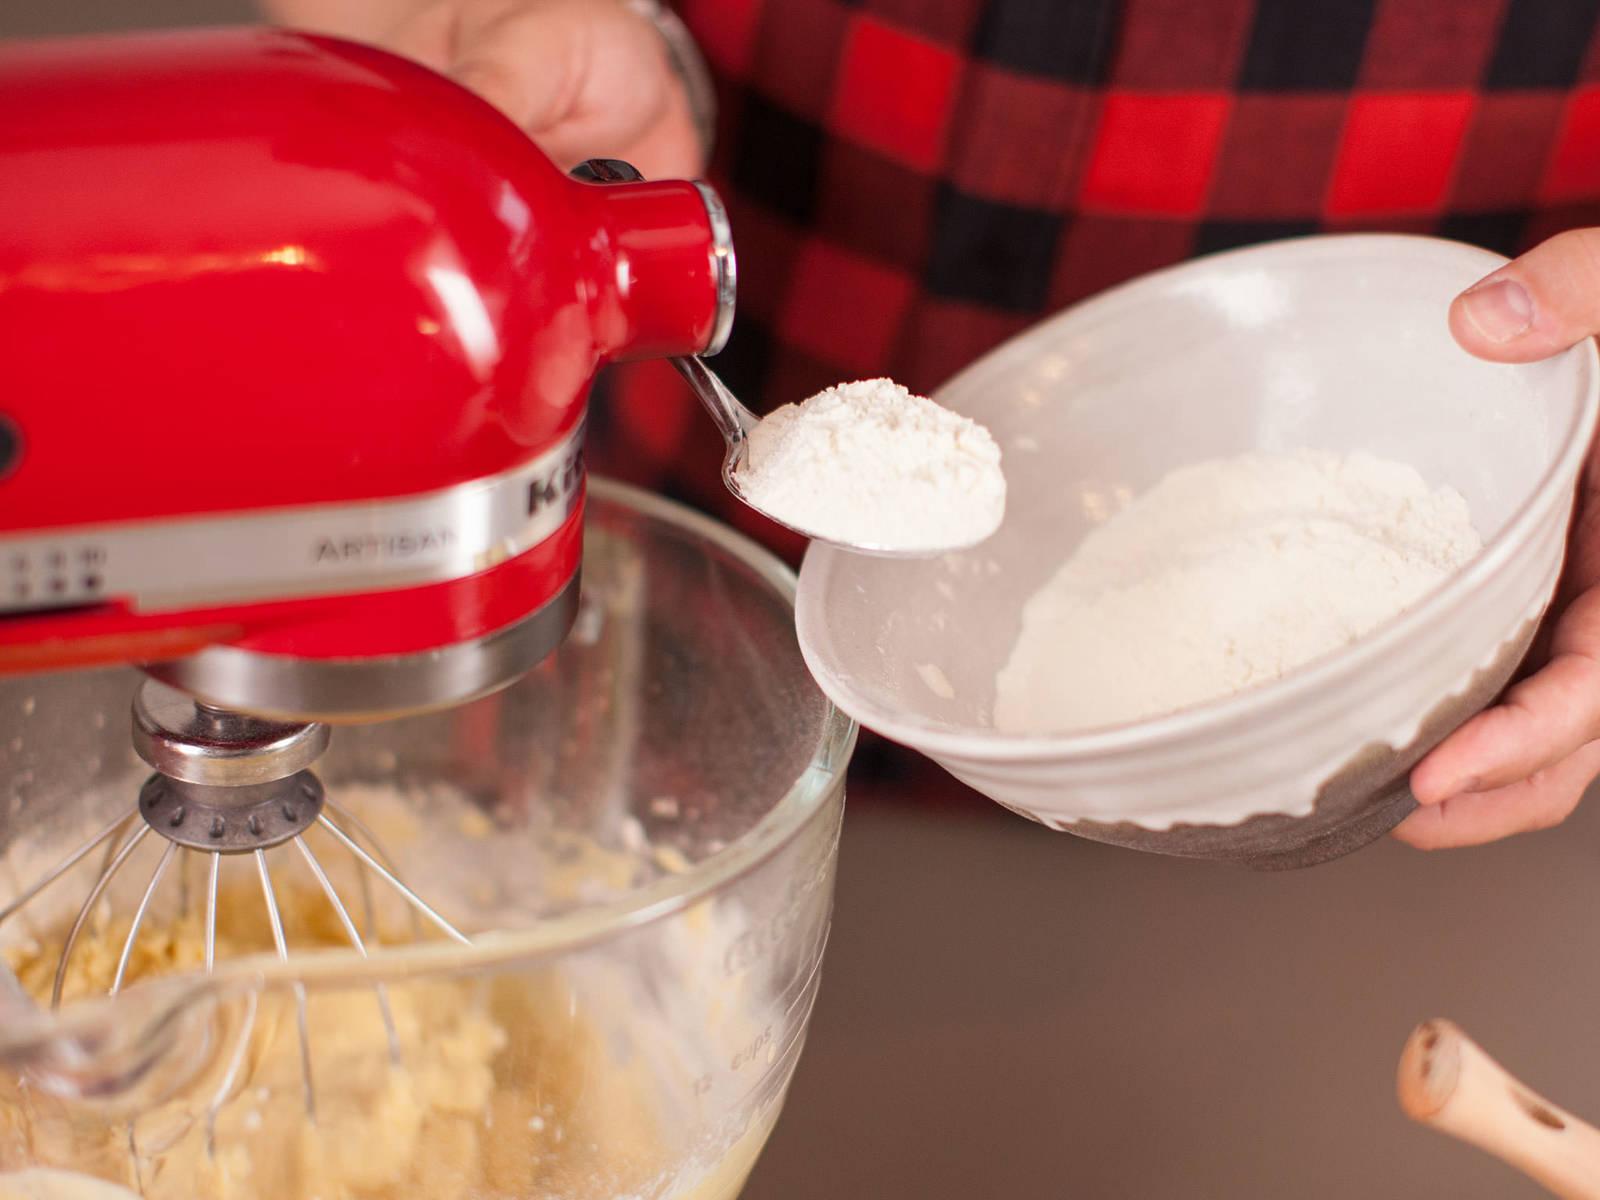 将剩余面粉、泡打粉、小苏打粉、肉豆蔻与一撮盐筛入另一小碗中。在搅拌机运作过程中,依次加入几勺面粉混合物与蛋酒混合物,并不断重复此步骤,至形成顺滑的面糊。